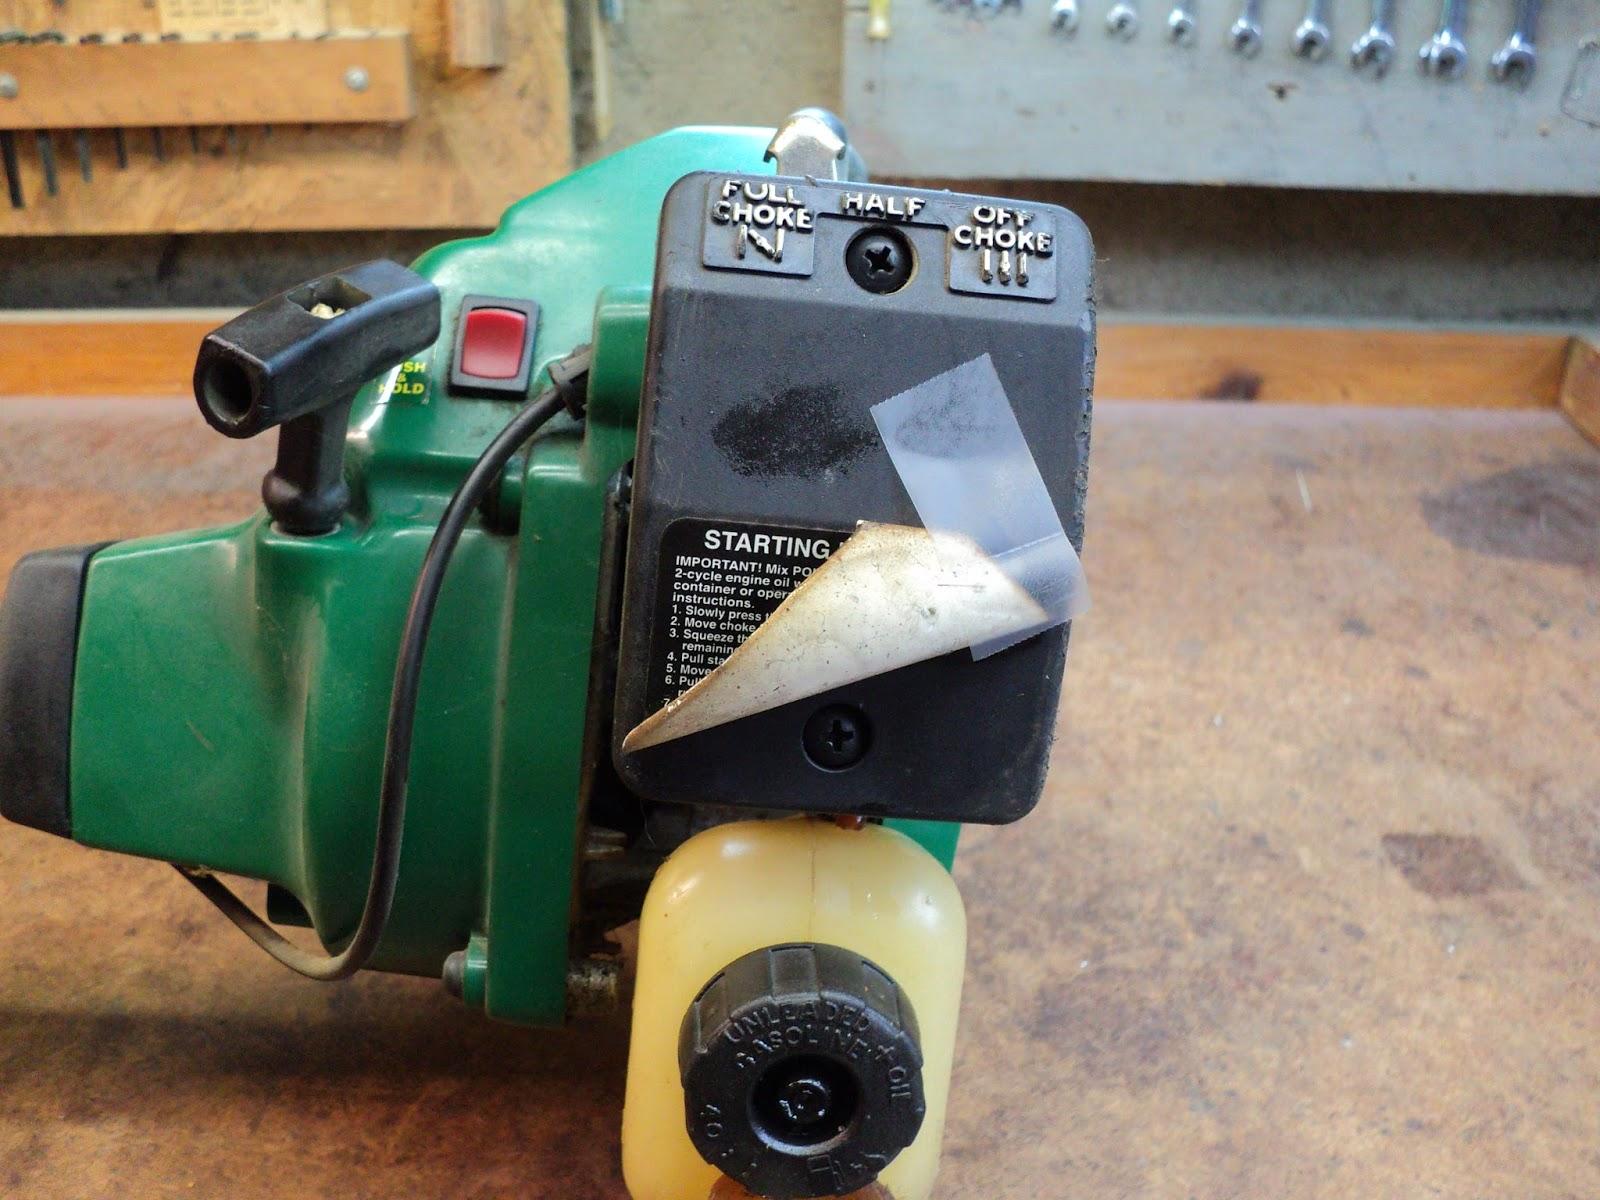 Rouge River Workshop Weed Eater Featherlite Sst Zama Carburetor Diagram Removal